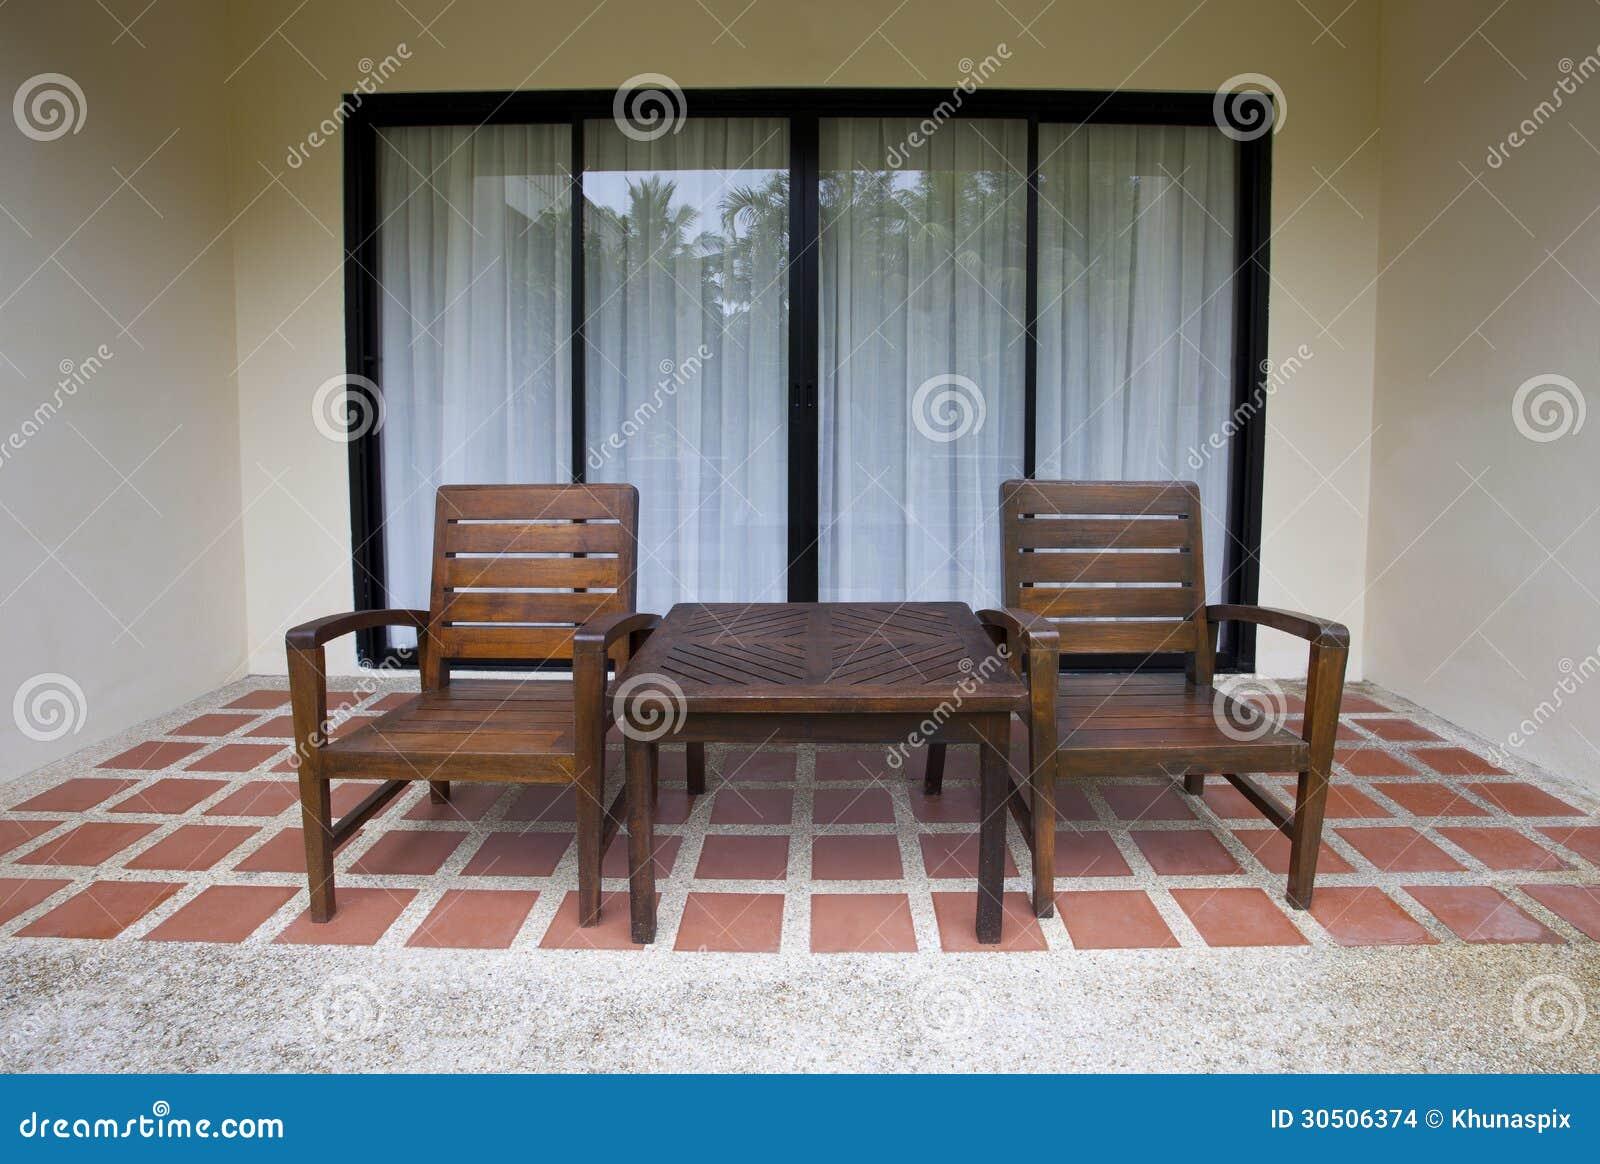 Houten stoelen thuis terras stock afbeeldingen afbeelding 30506374 - Terras hout ...